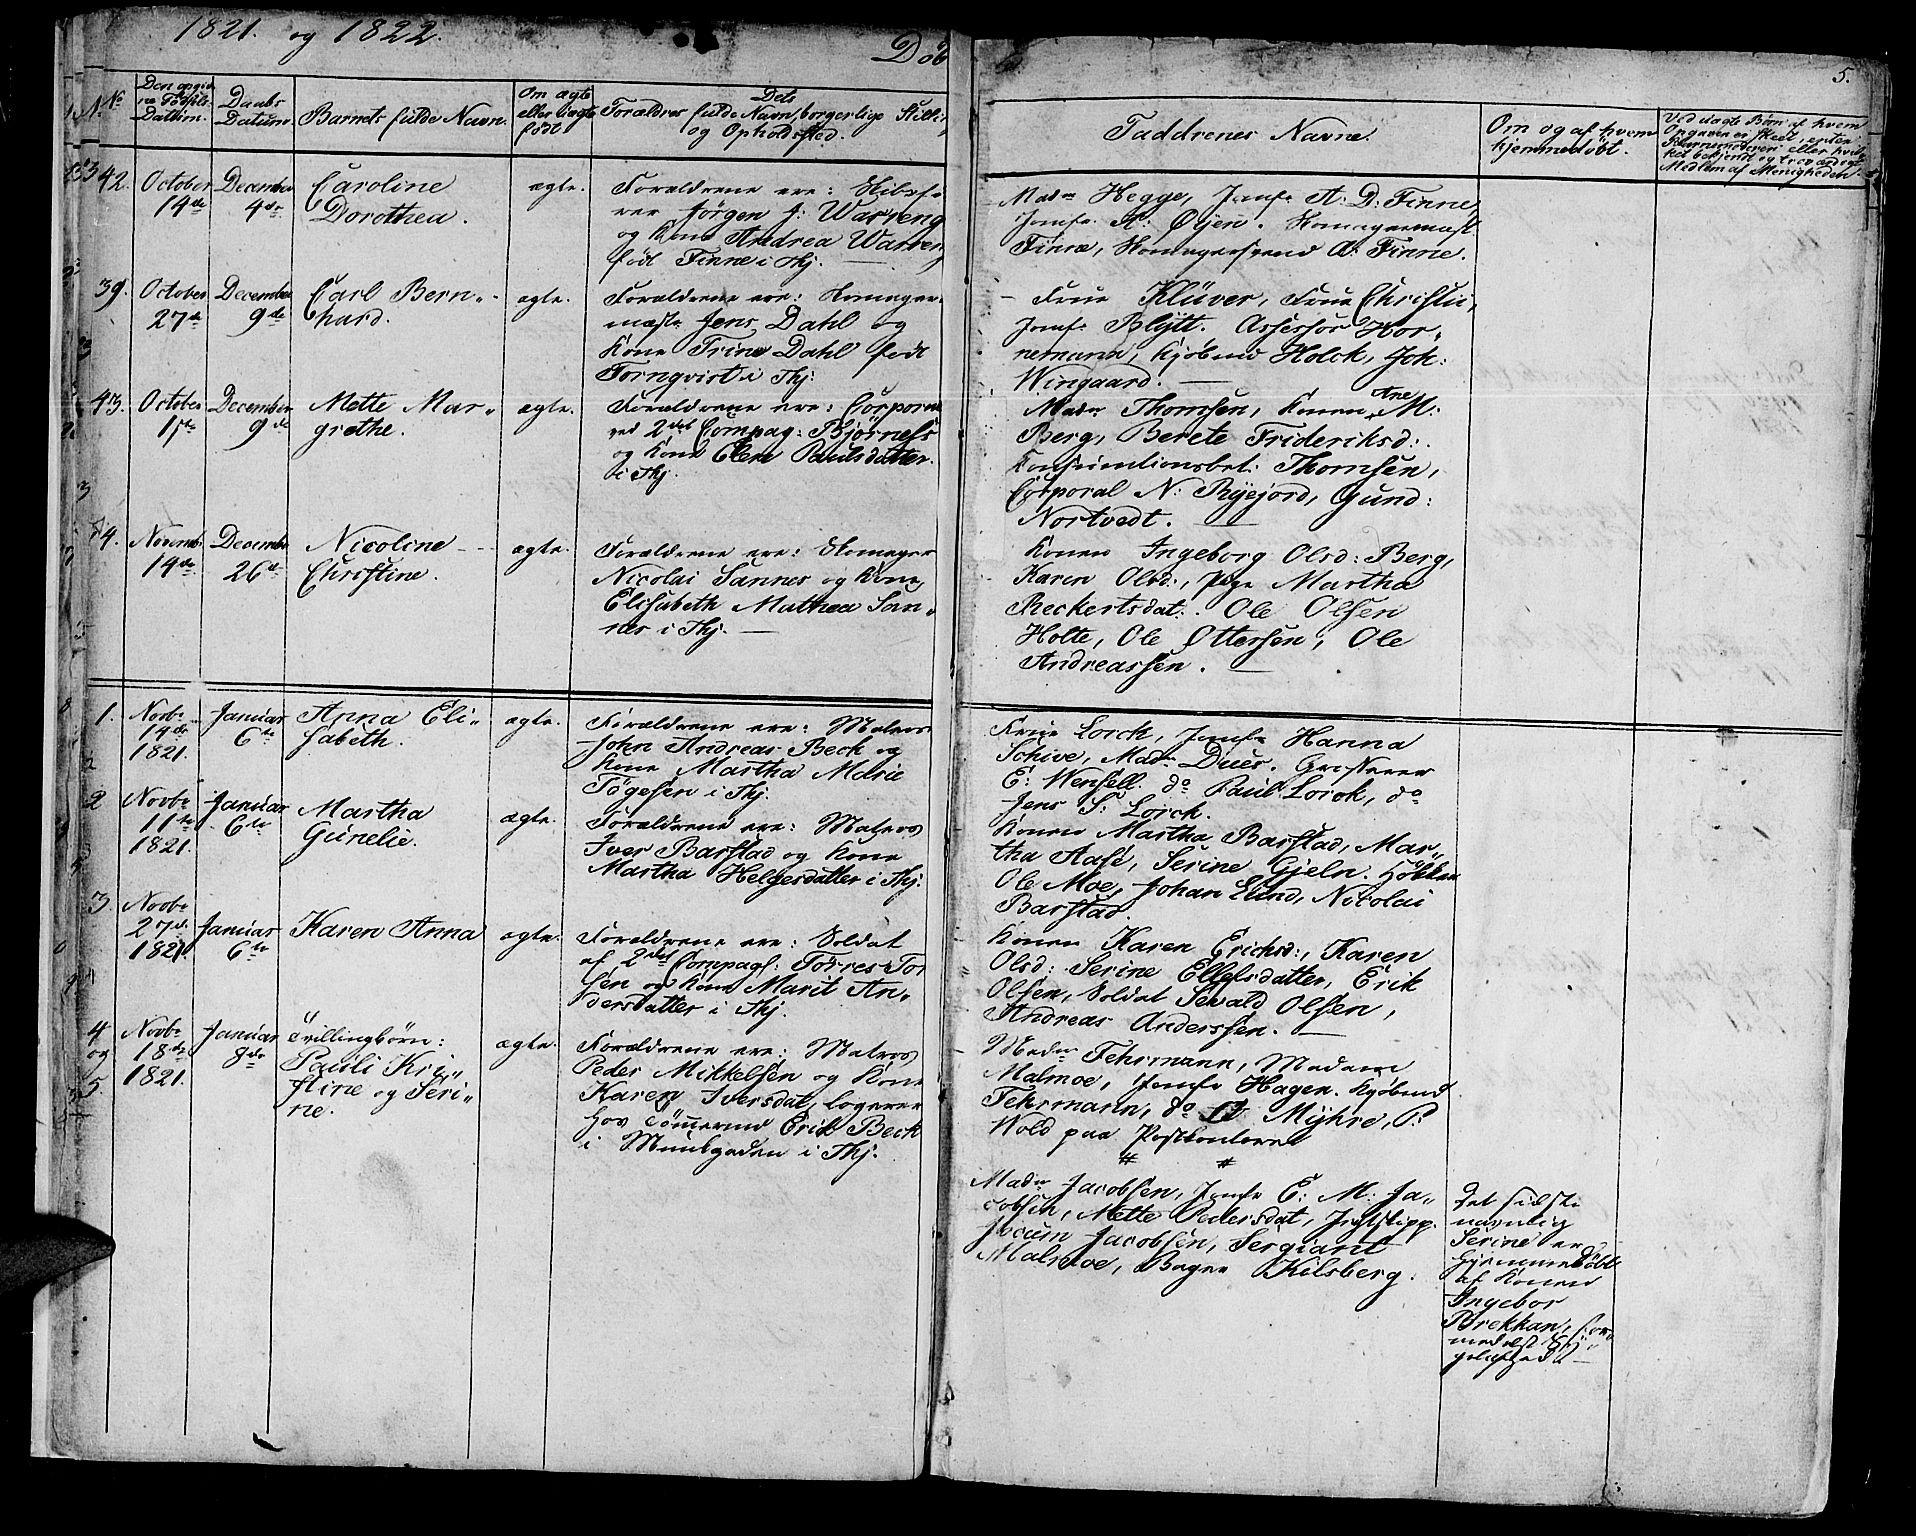 SAT, Ministerialprotokoller, klokkerbøker og fødselsregistre - Sør-Trøndelag, 602/L0108: Ministerialbok nr. 602A06, 1821-1839, s. 5